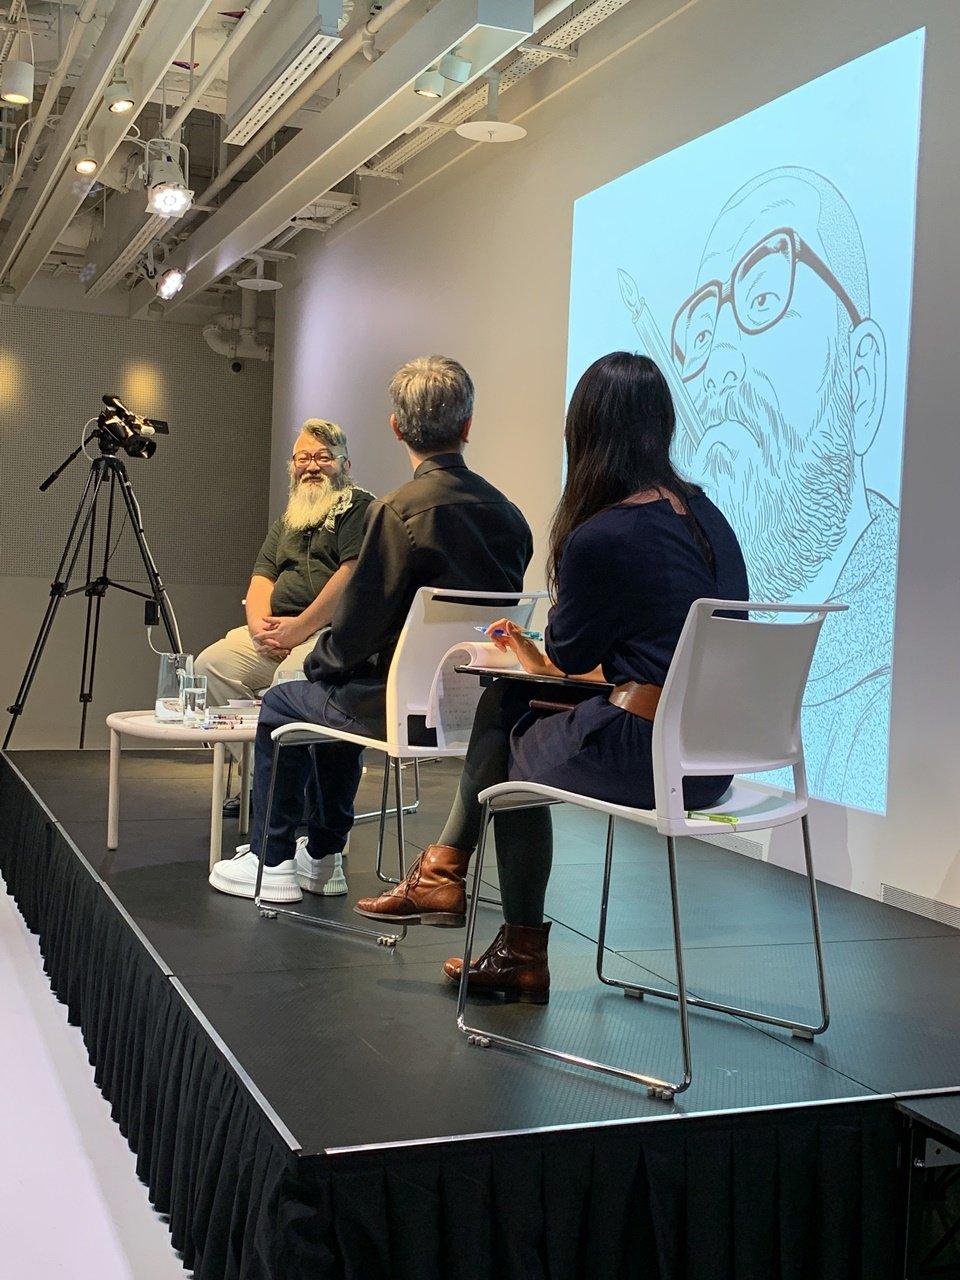 『弟の夫』漫画家・田亀源五郎「イギリス上陸と同性愛を語る!」大英博物館に展示された複製原画が手に入る!?の画像007